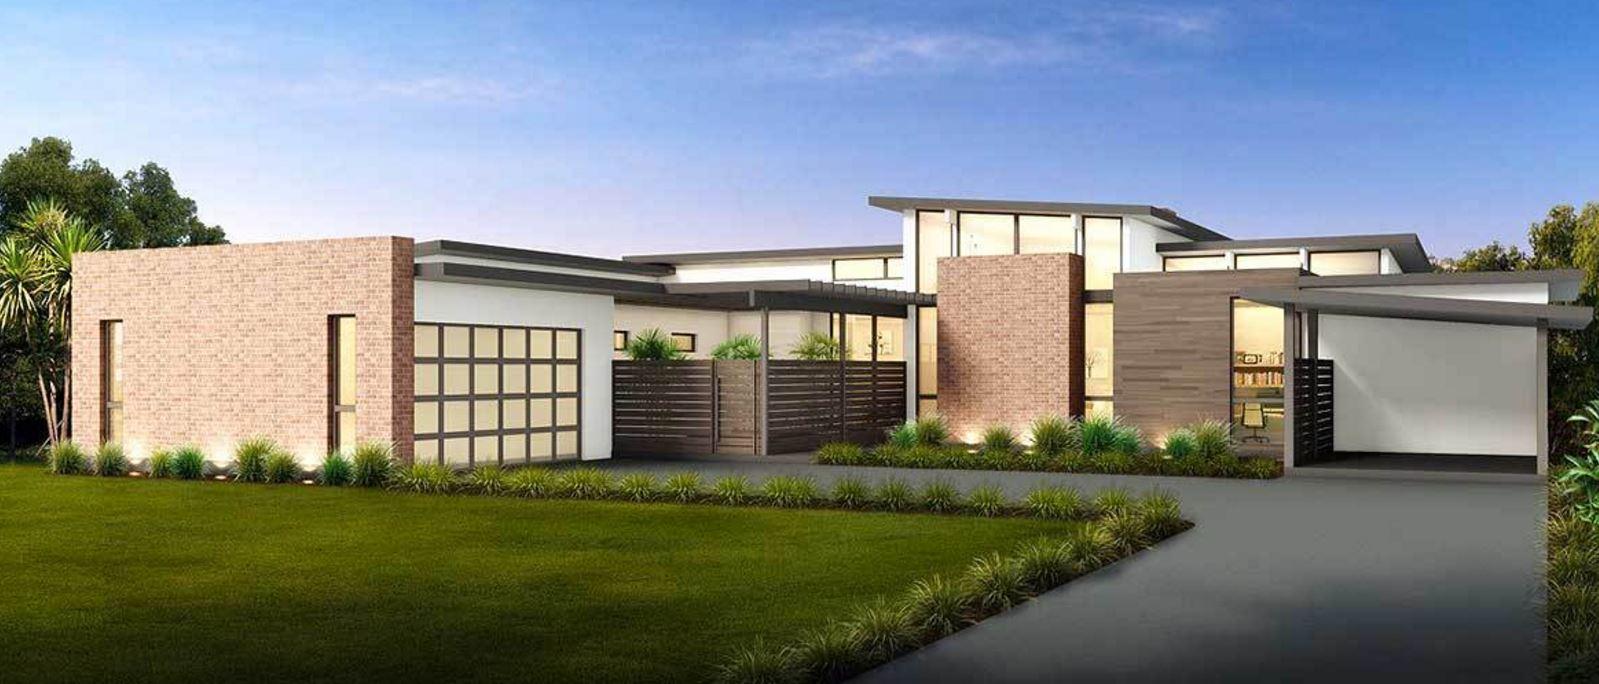 casas modernas de una sola planta